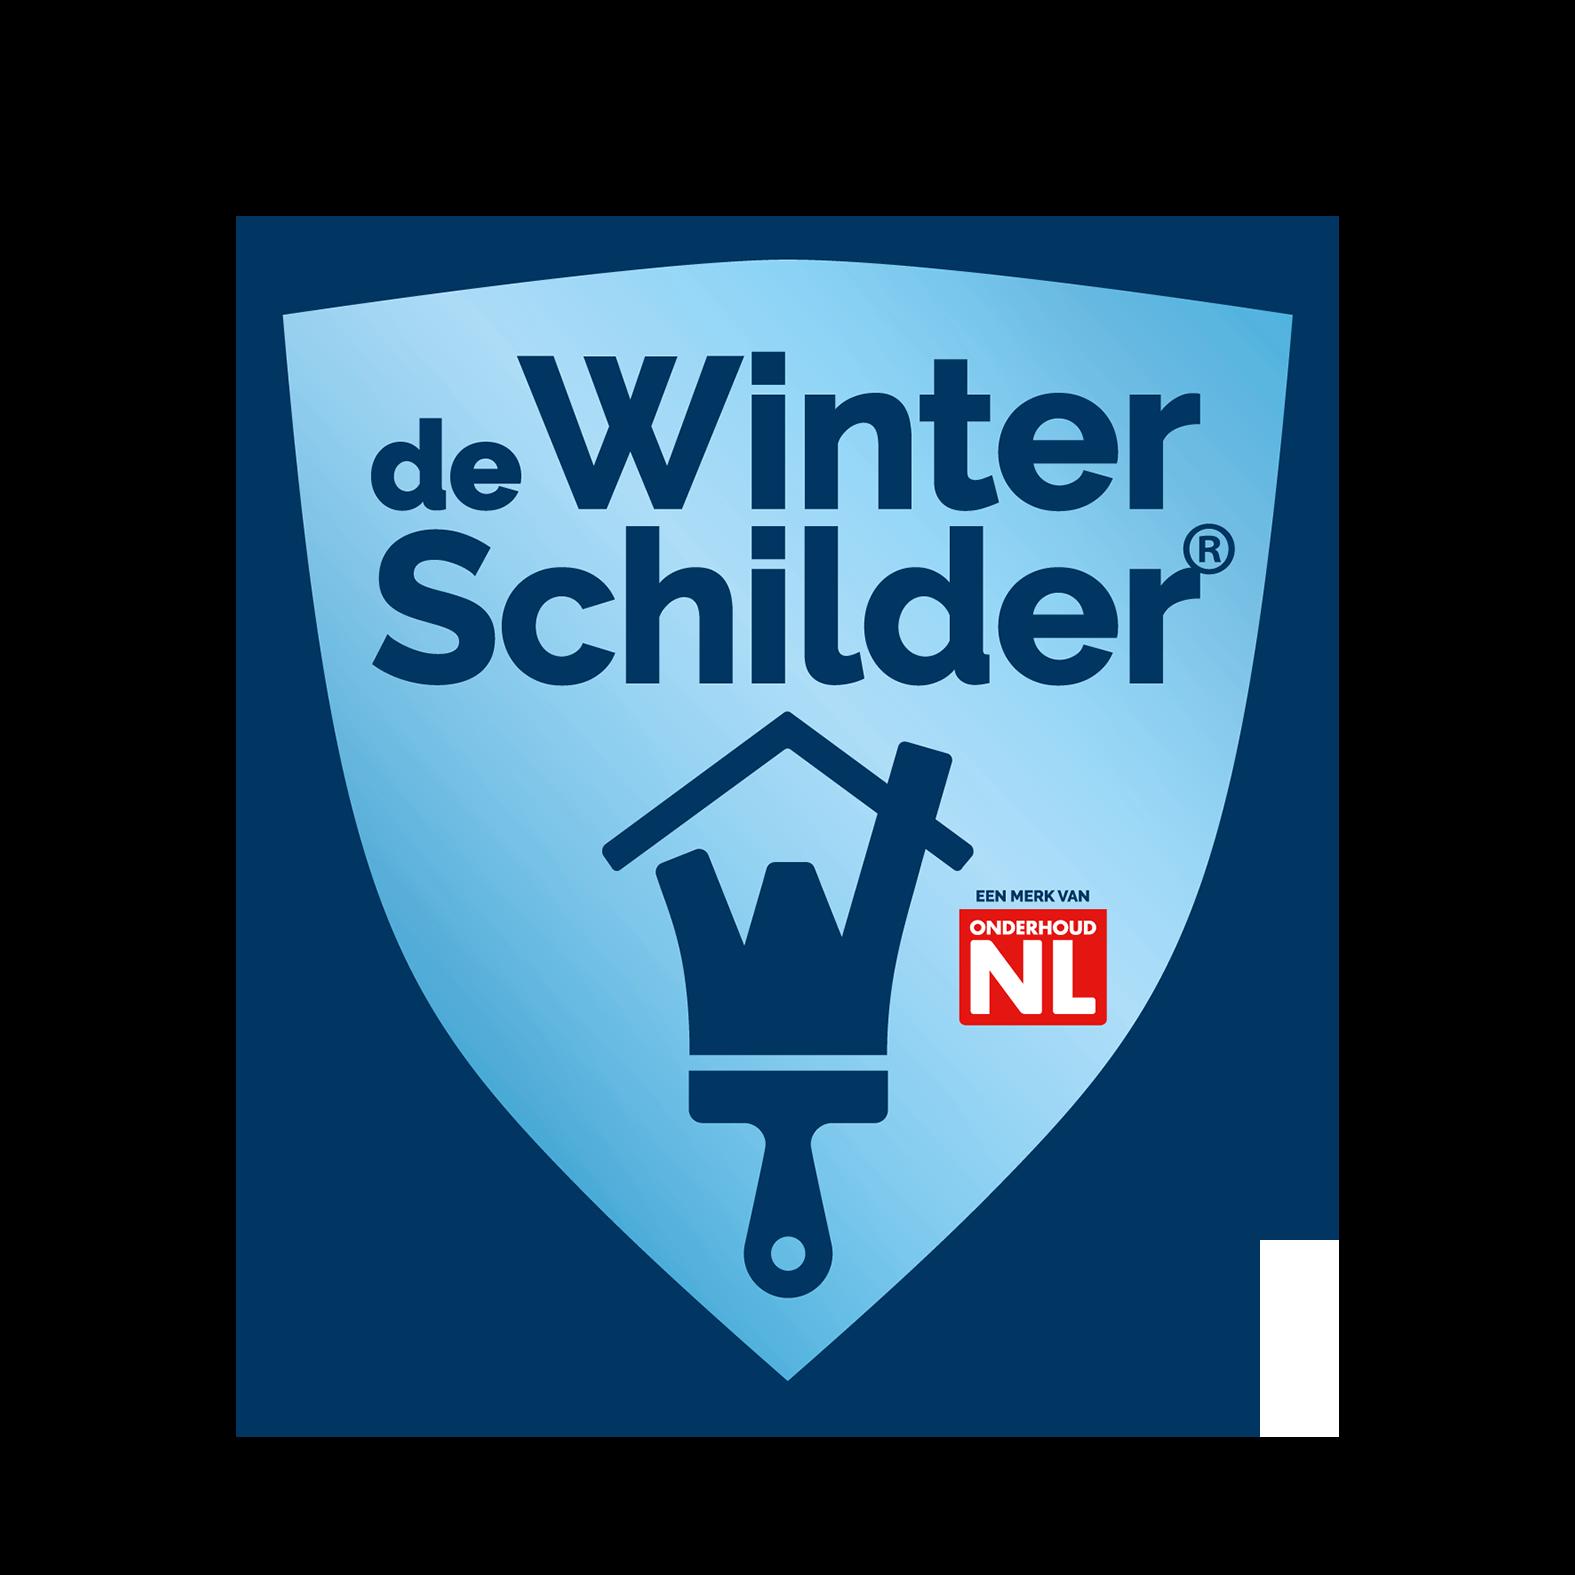 Winterschilder logo